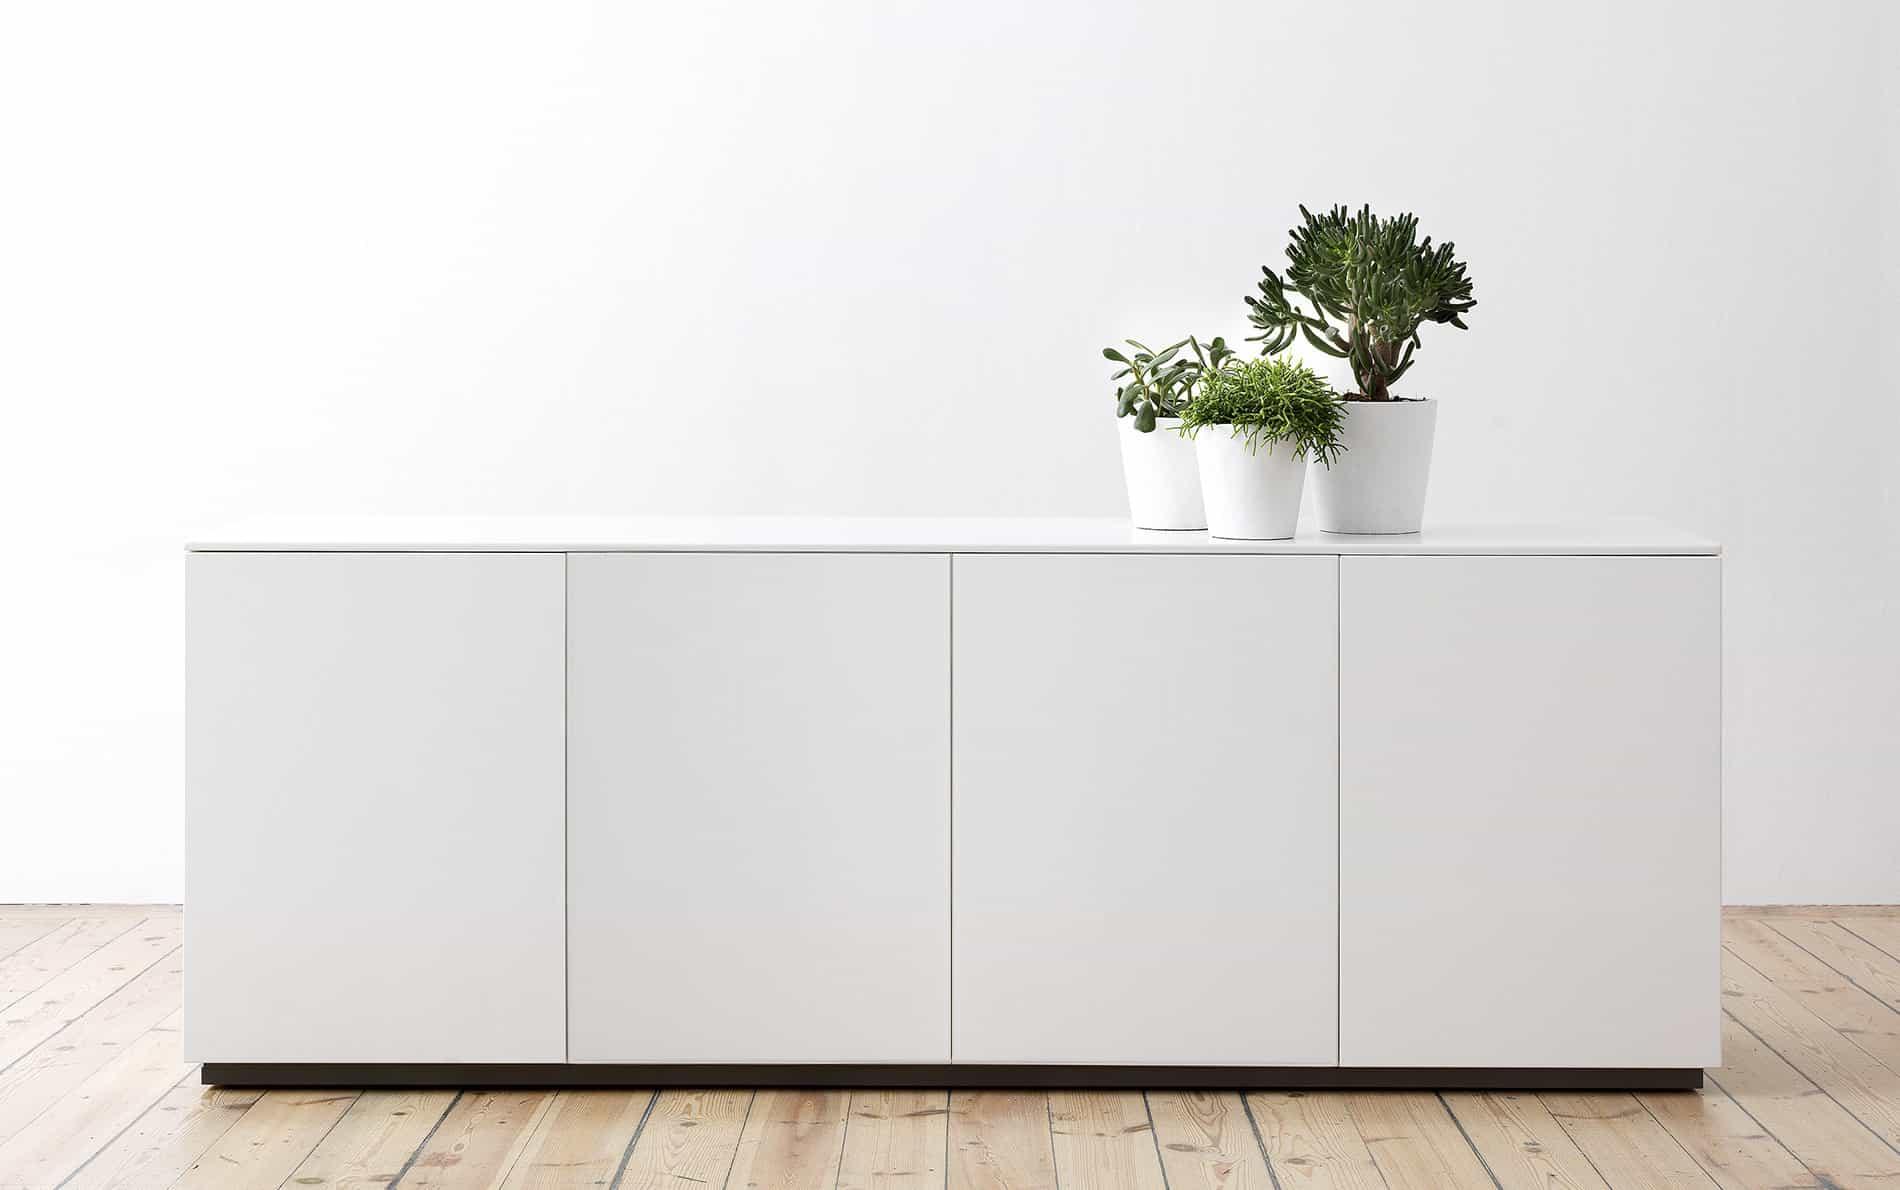 Schön Sideboard 180 Galerie Von